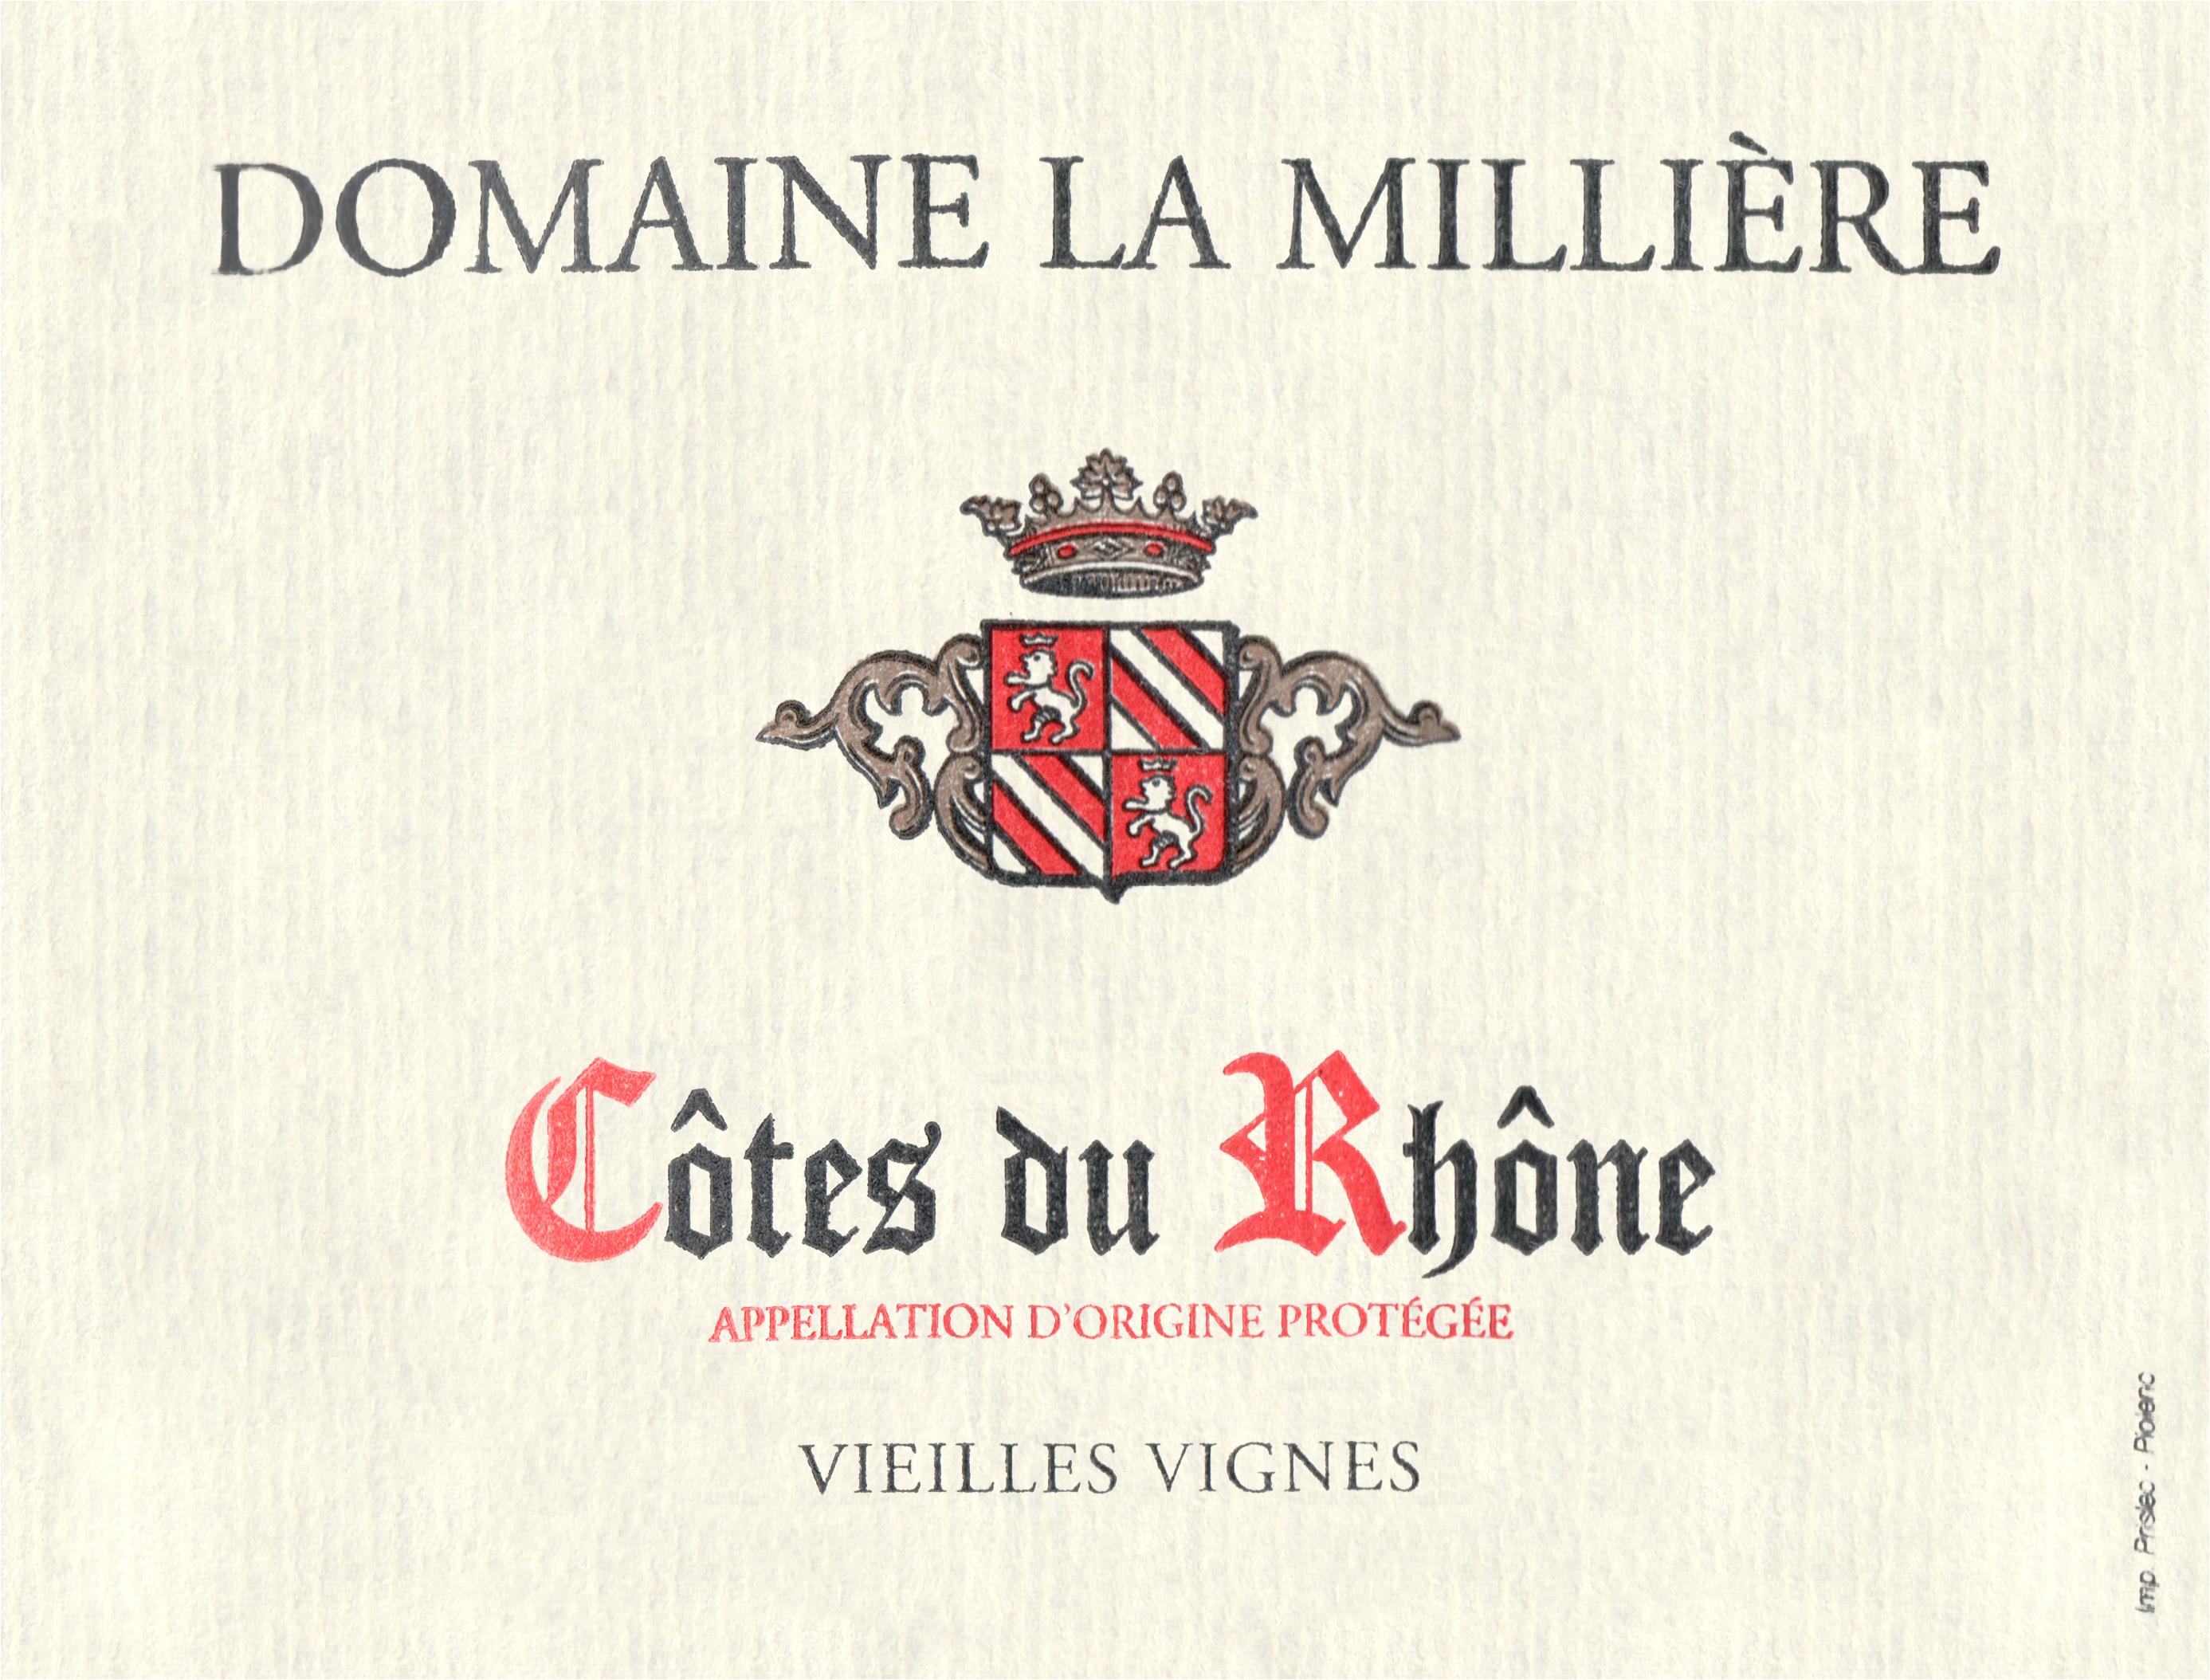 Domaine La Milliere Cotes Du Rhone Vielle Vignes 2018